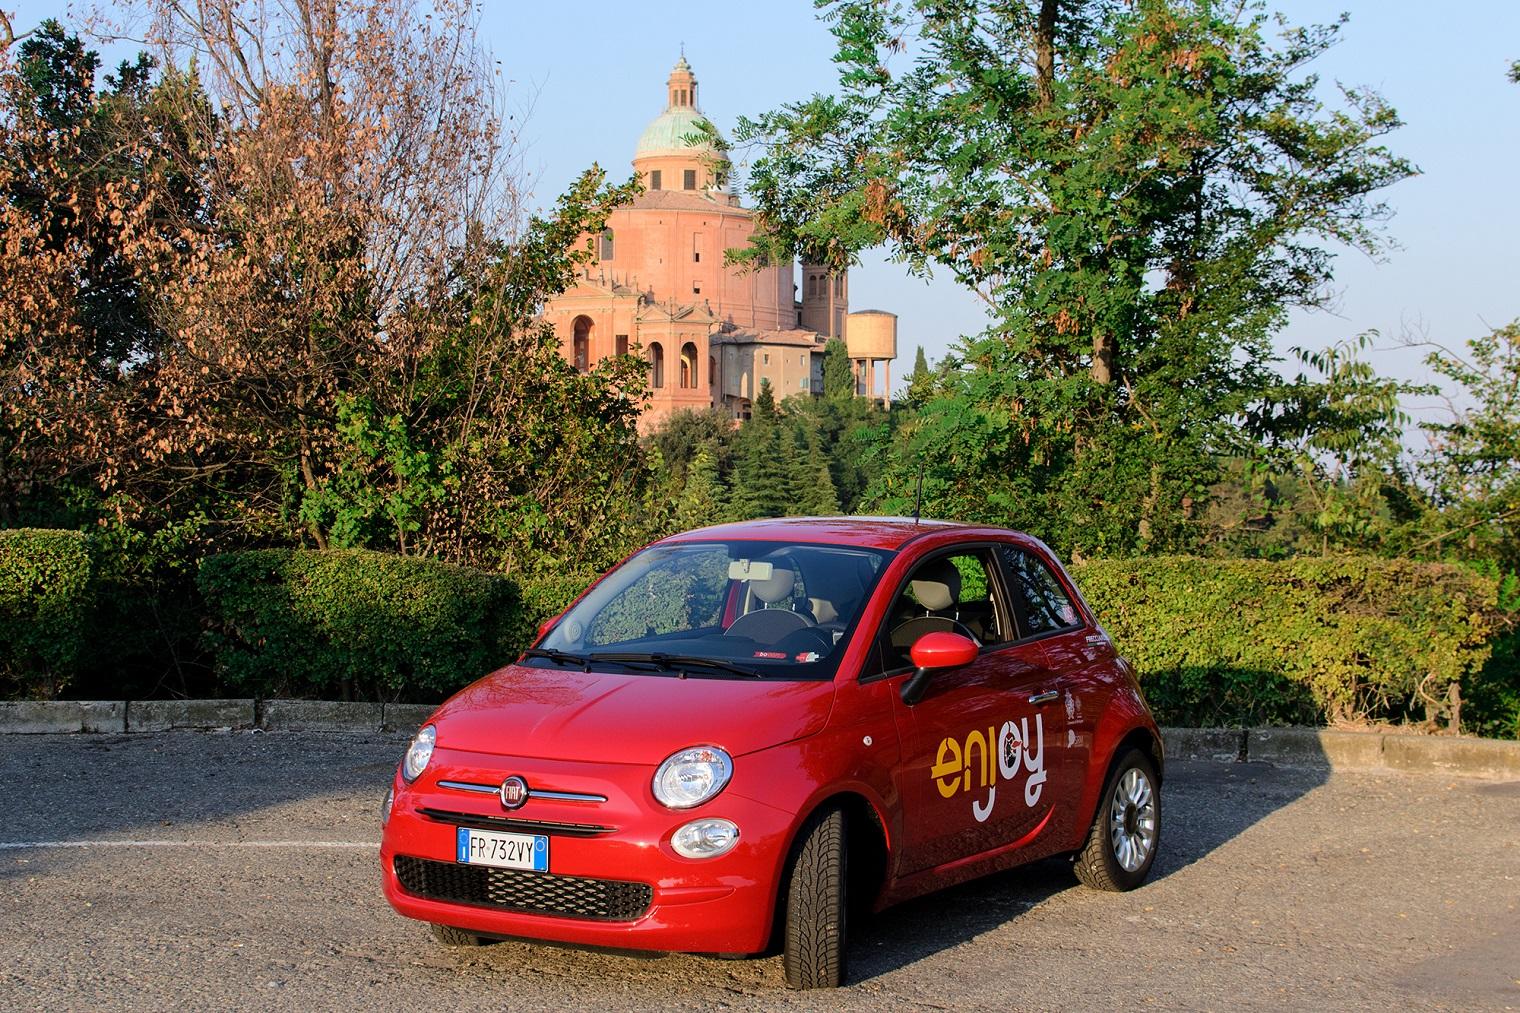 Enjoy futuro car sharing